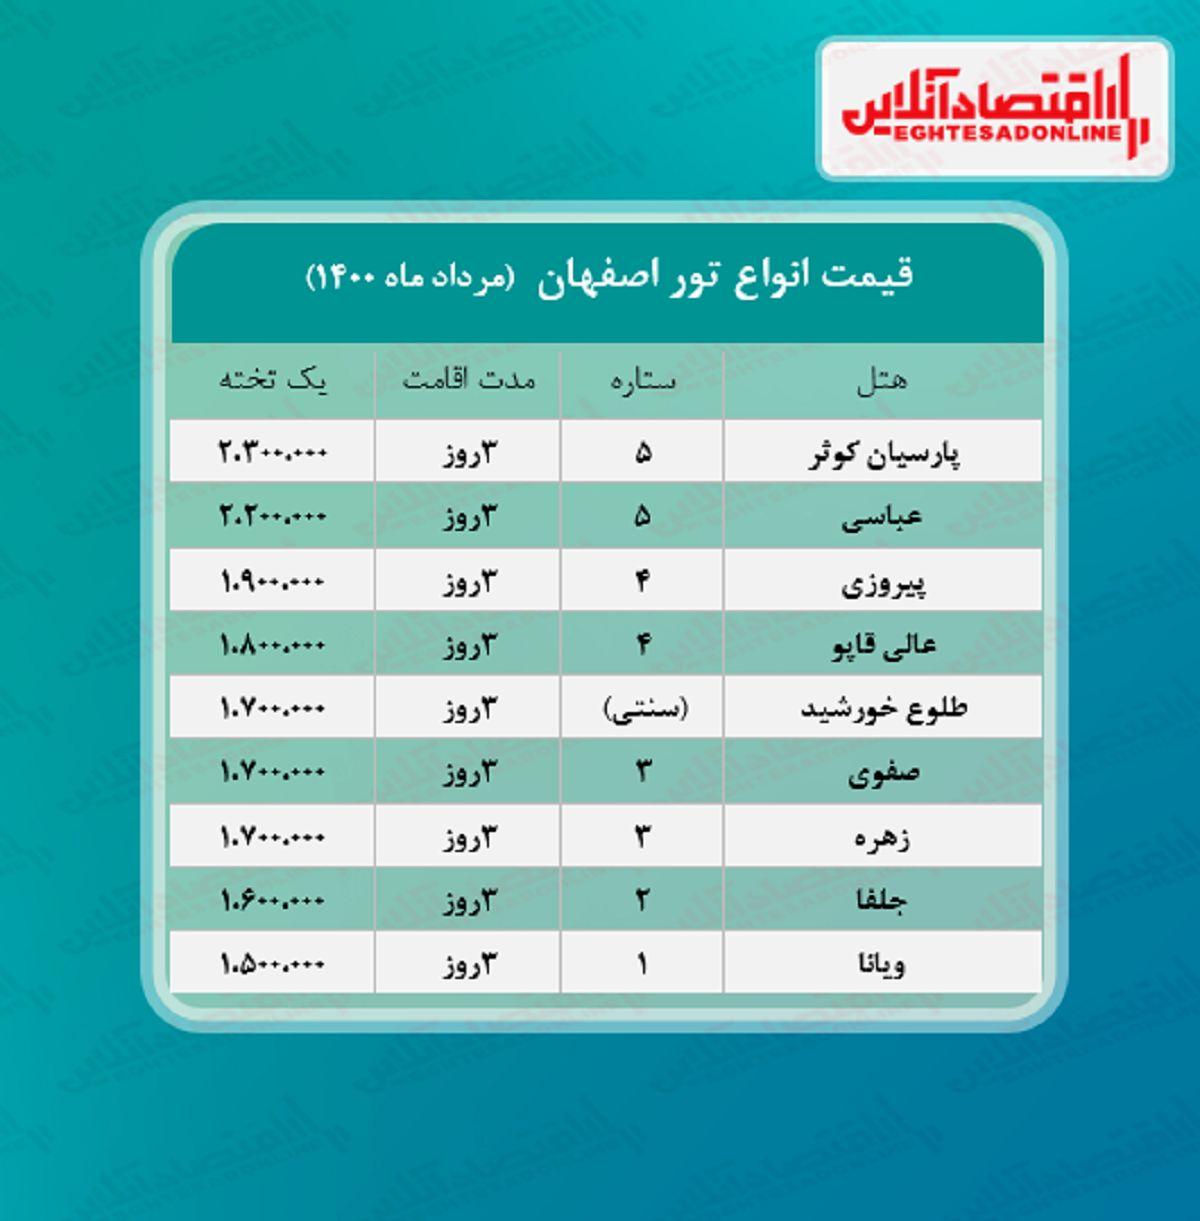 قیمت جدید تور اصفهان (هوایی) + جدول